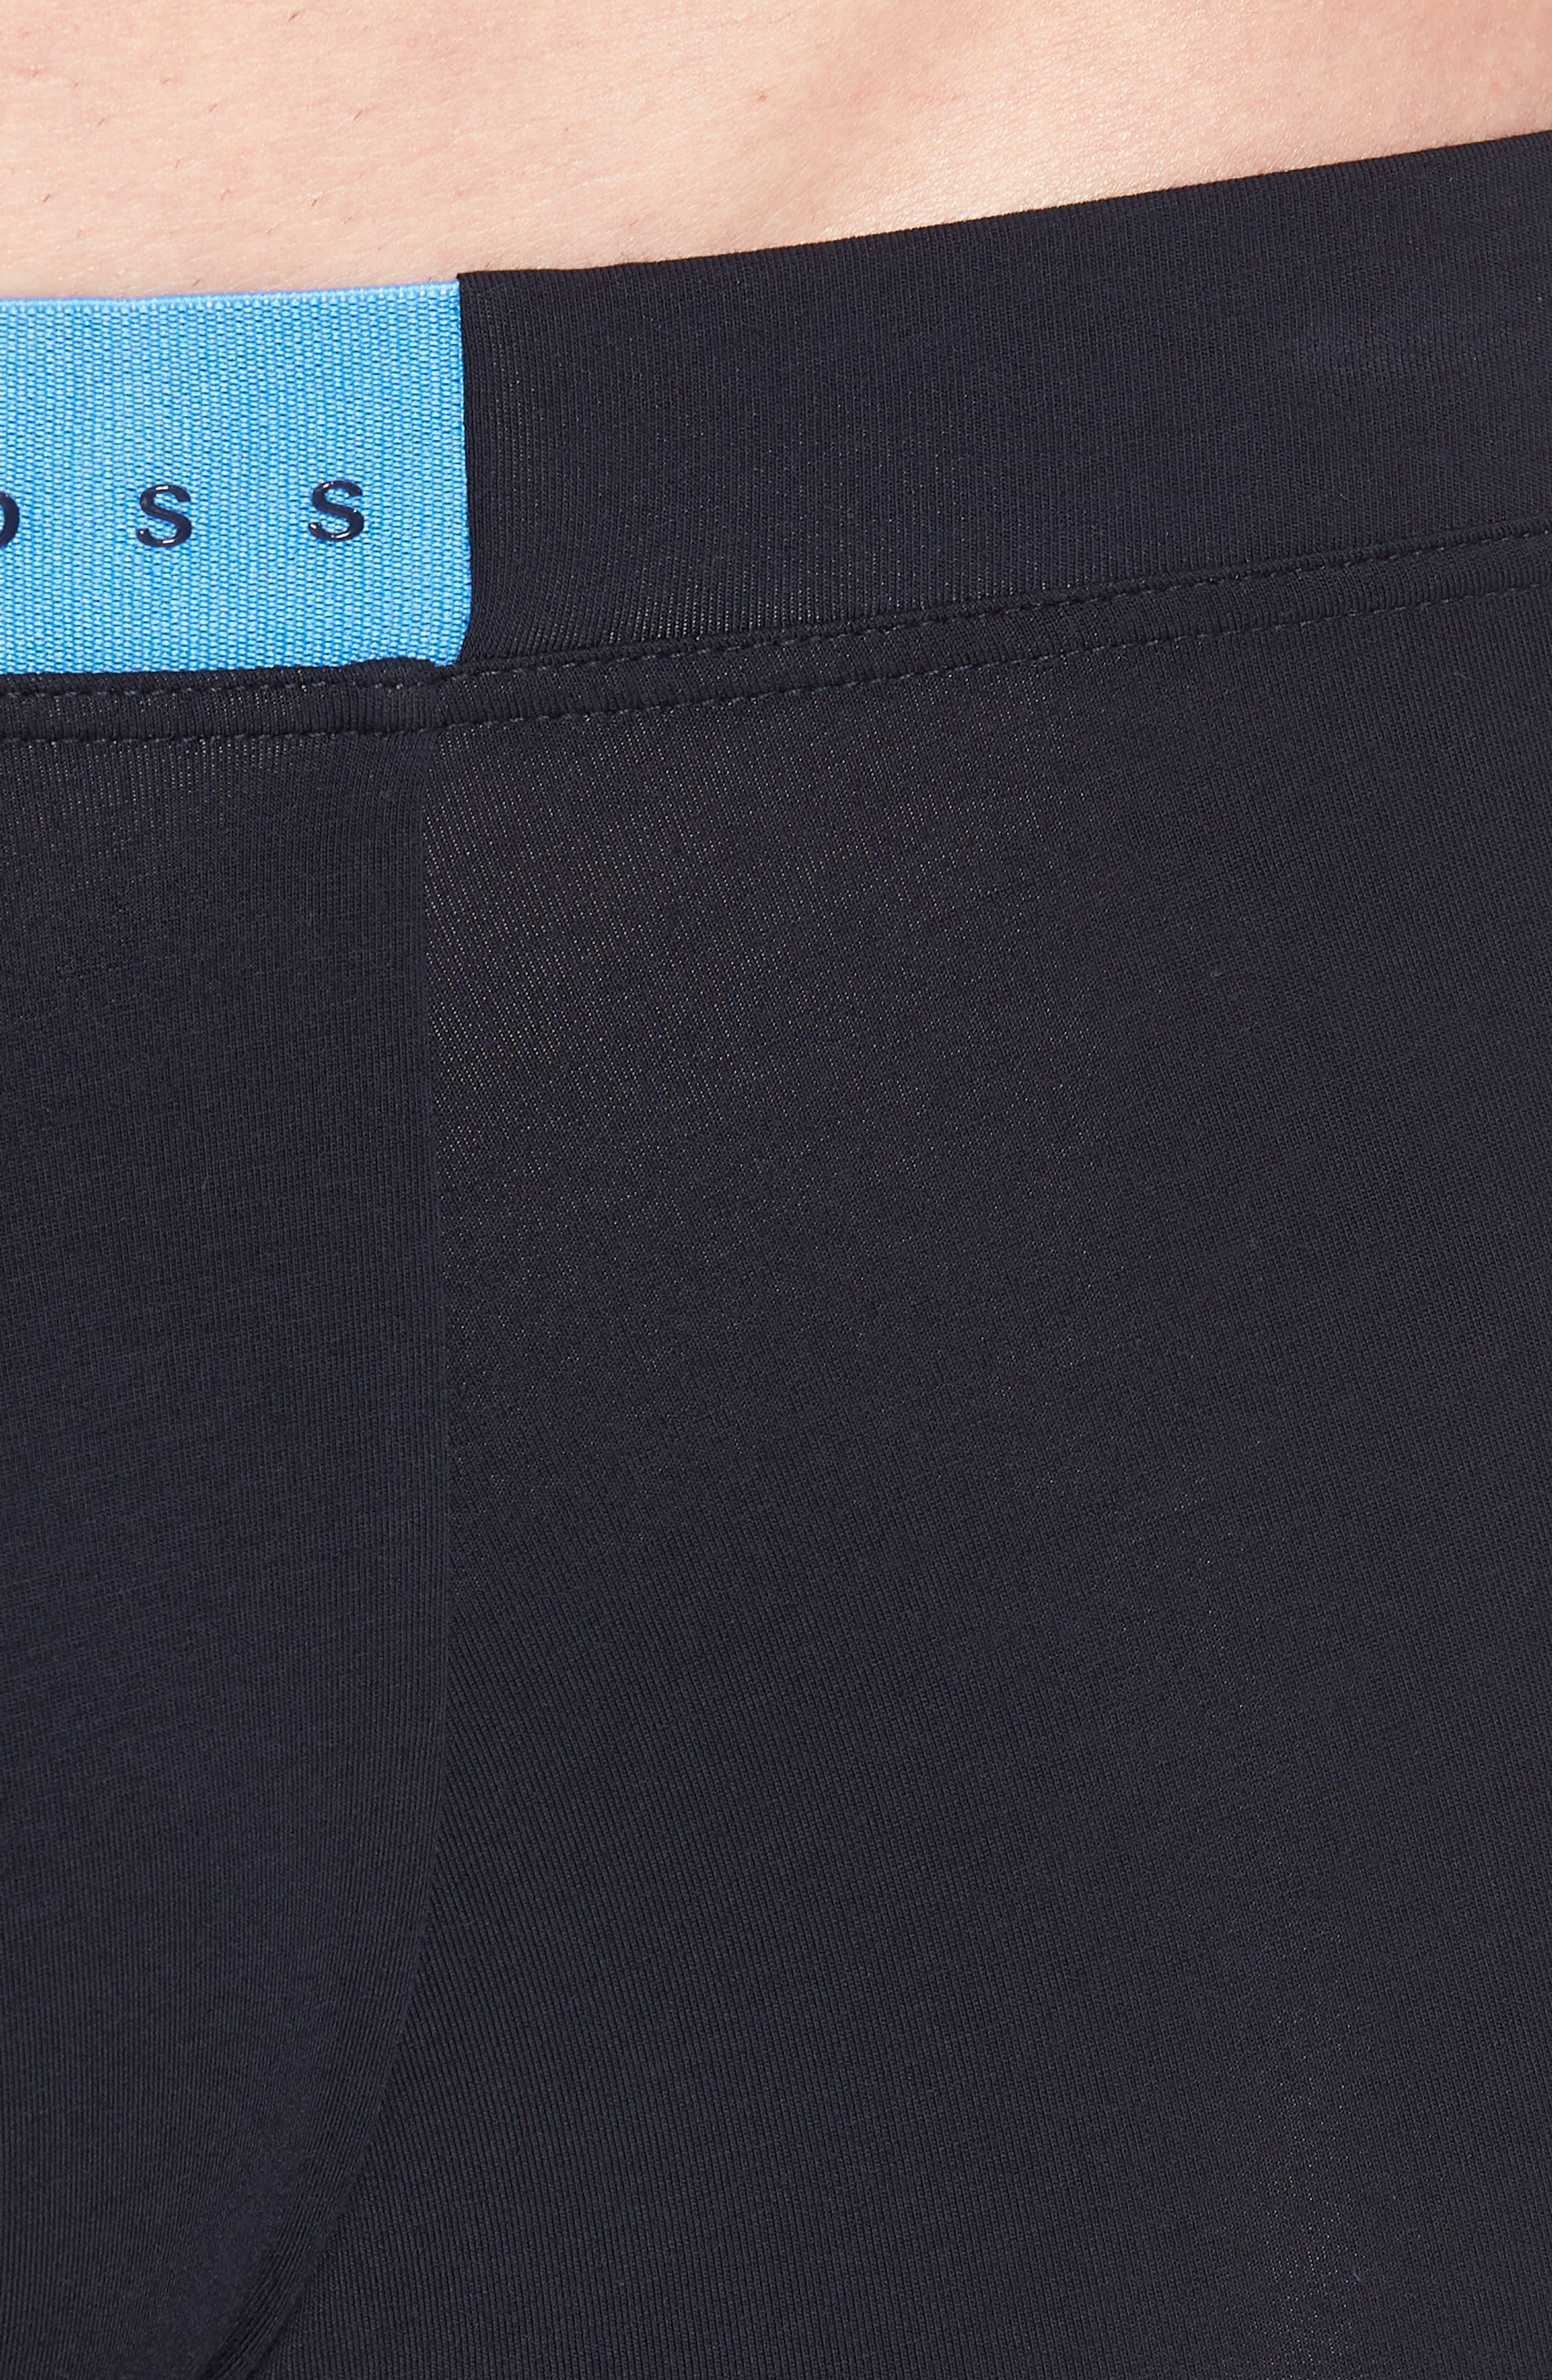 Comfort Trunks,                             Alternate thumbnail 4, color,                             405